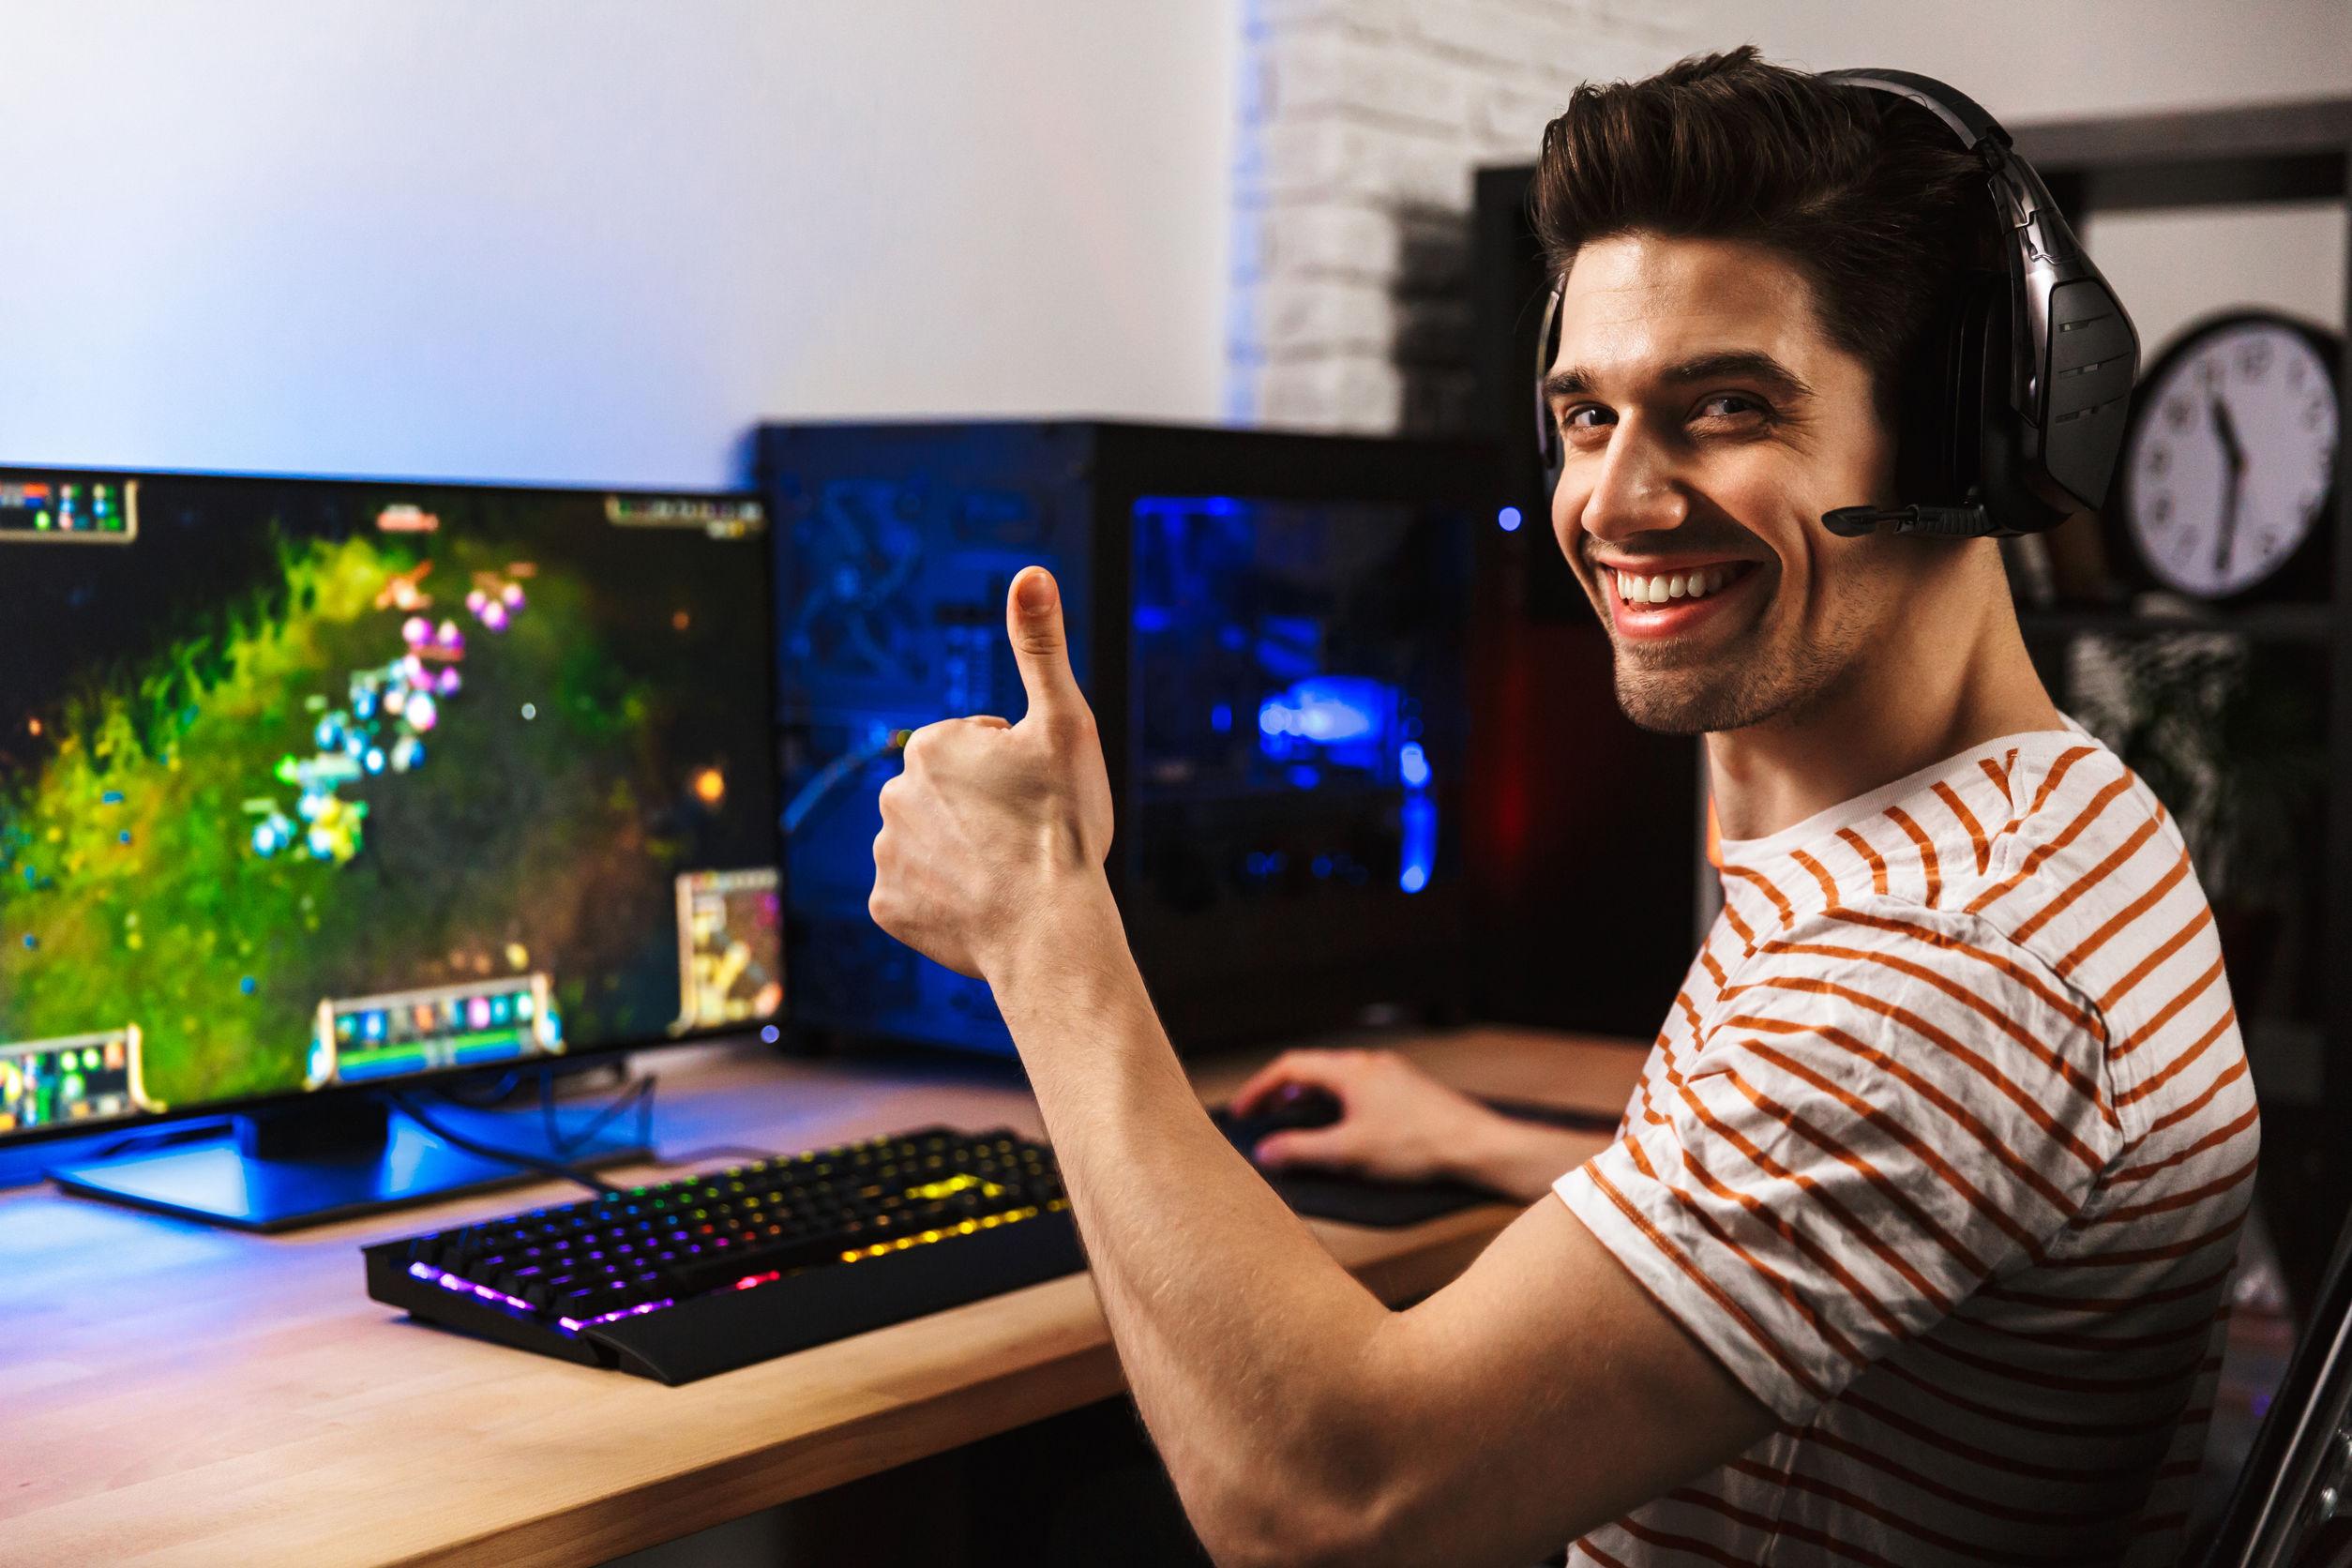 alegre chico jugador en auriculares jugando videojuegos en la computadora y mostrando el pulgar hacia arriba